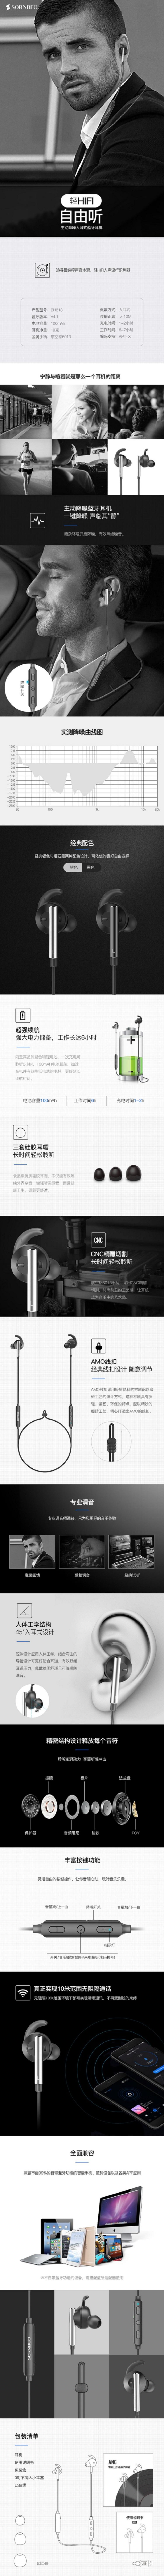 立体声BH539铝蓝牙耳机质量好_全球黄页网